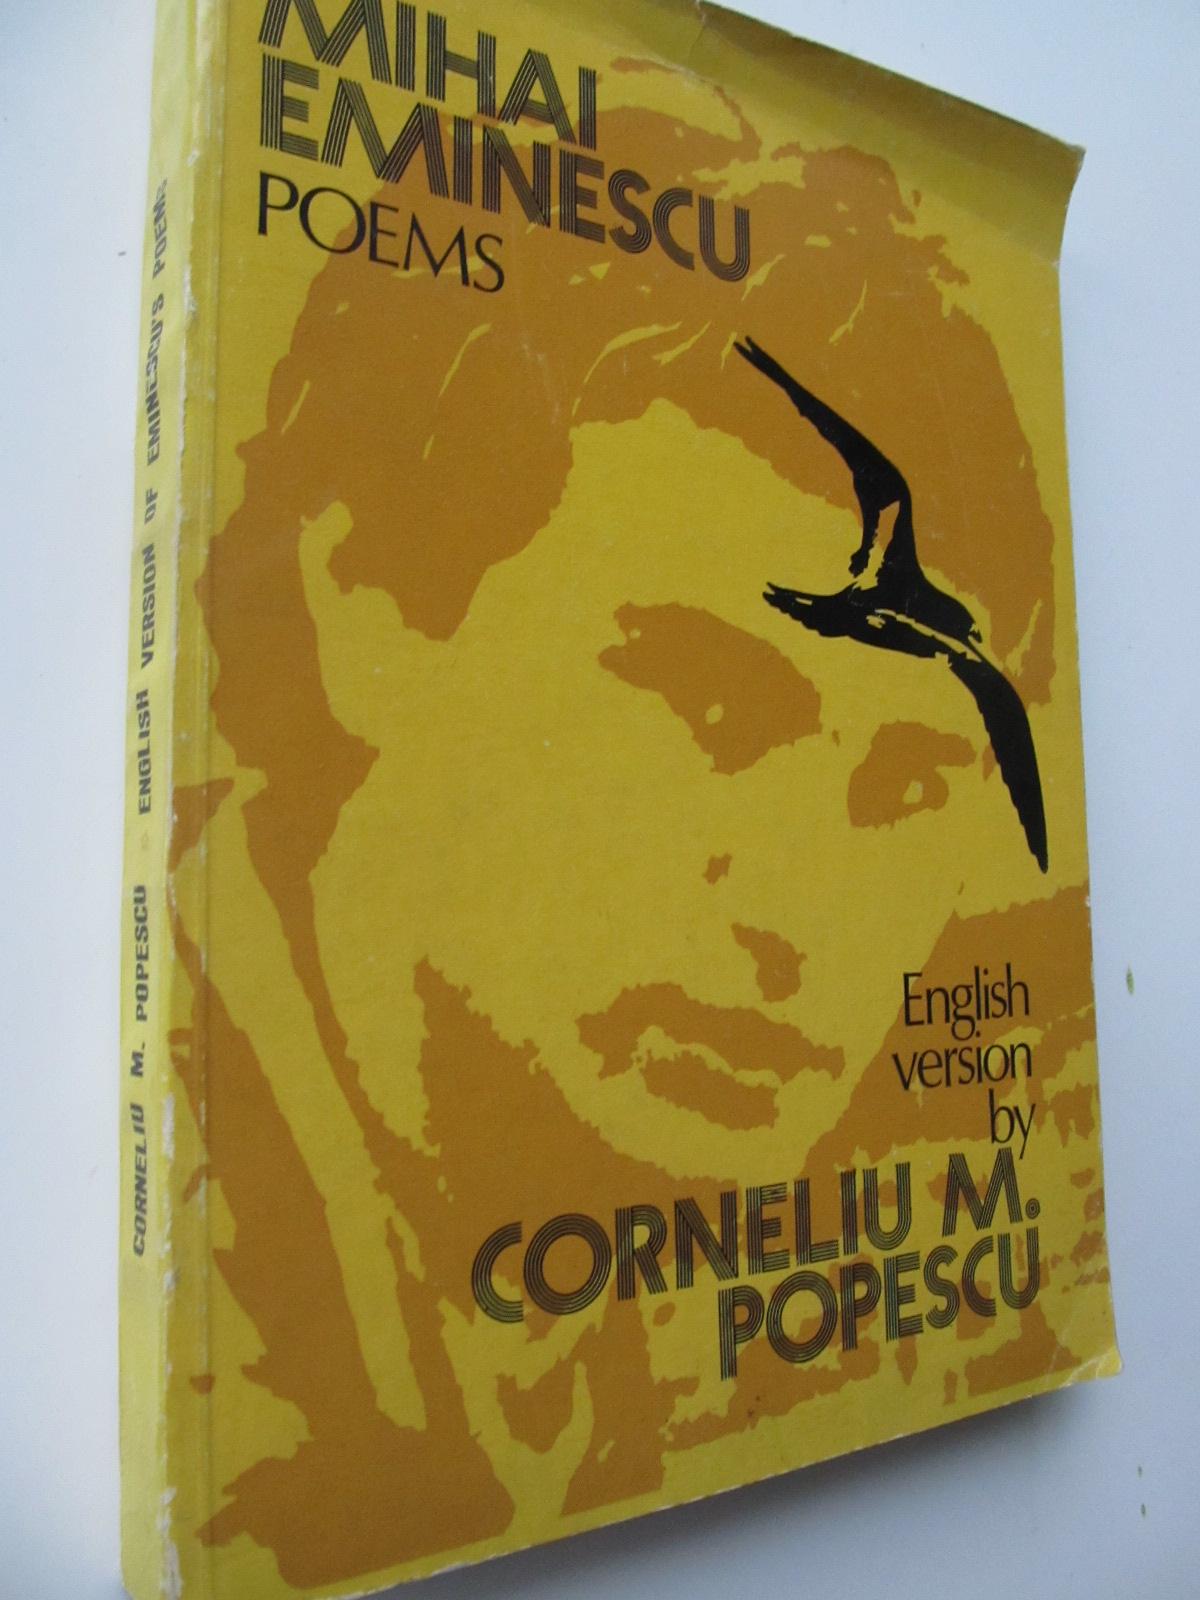 Poems (englis version by Corneliu M. Popescu) - Mihai Eminescu | Detalii carte